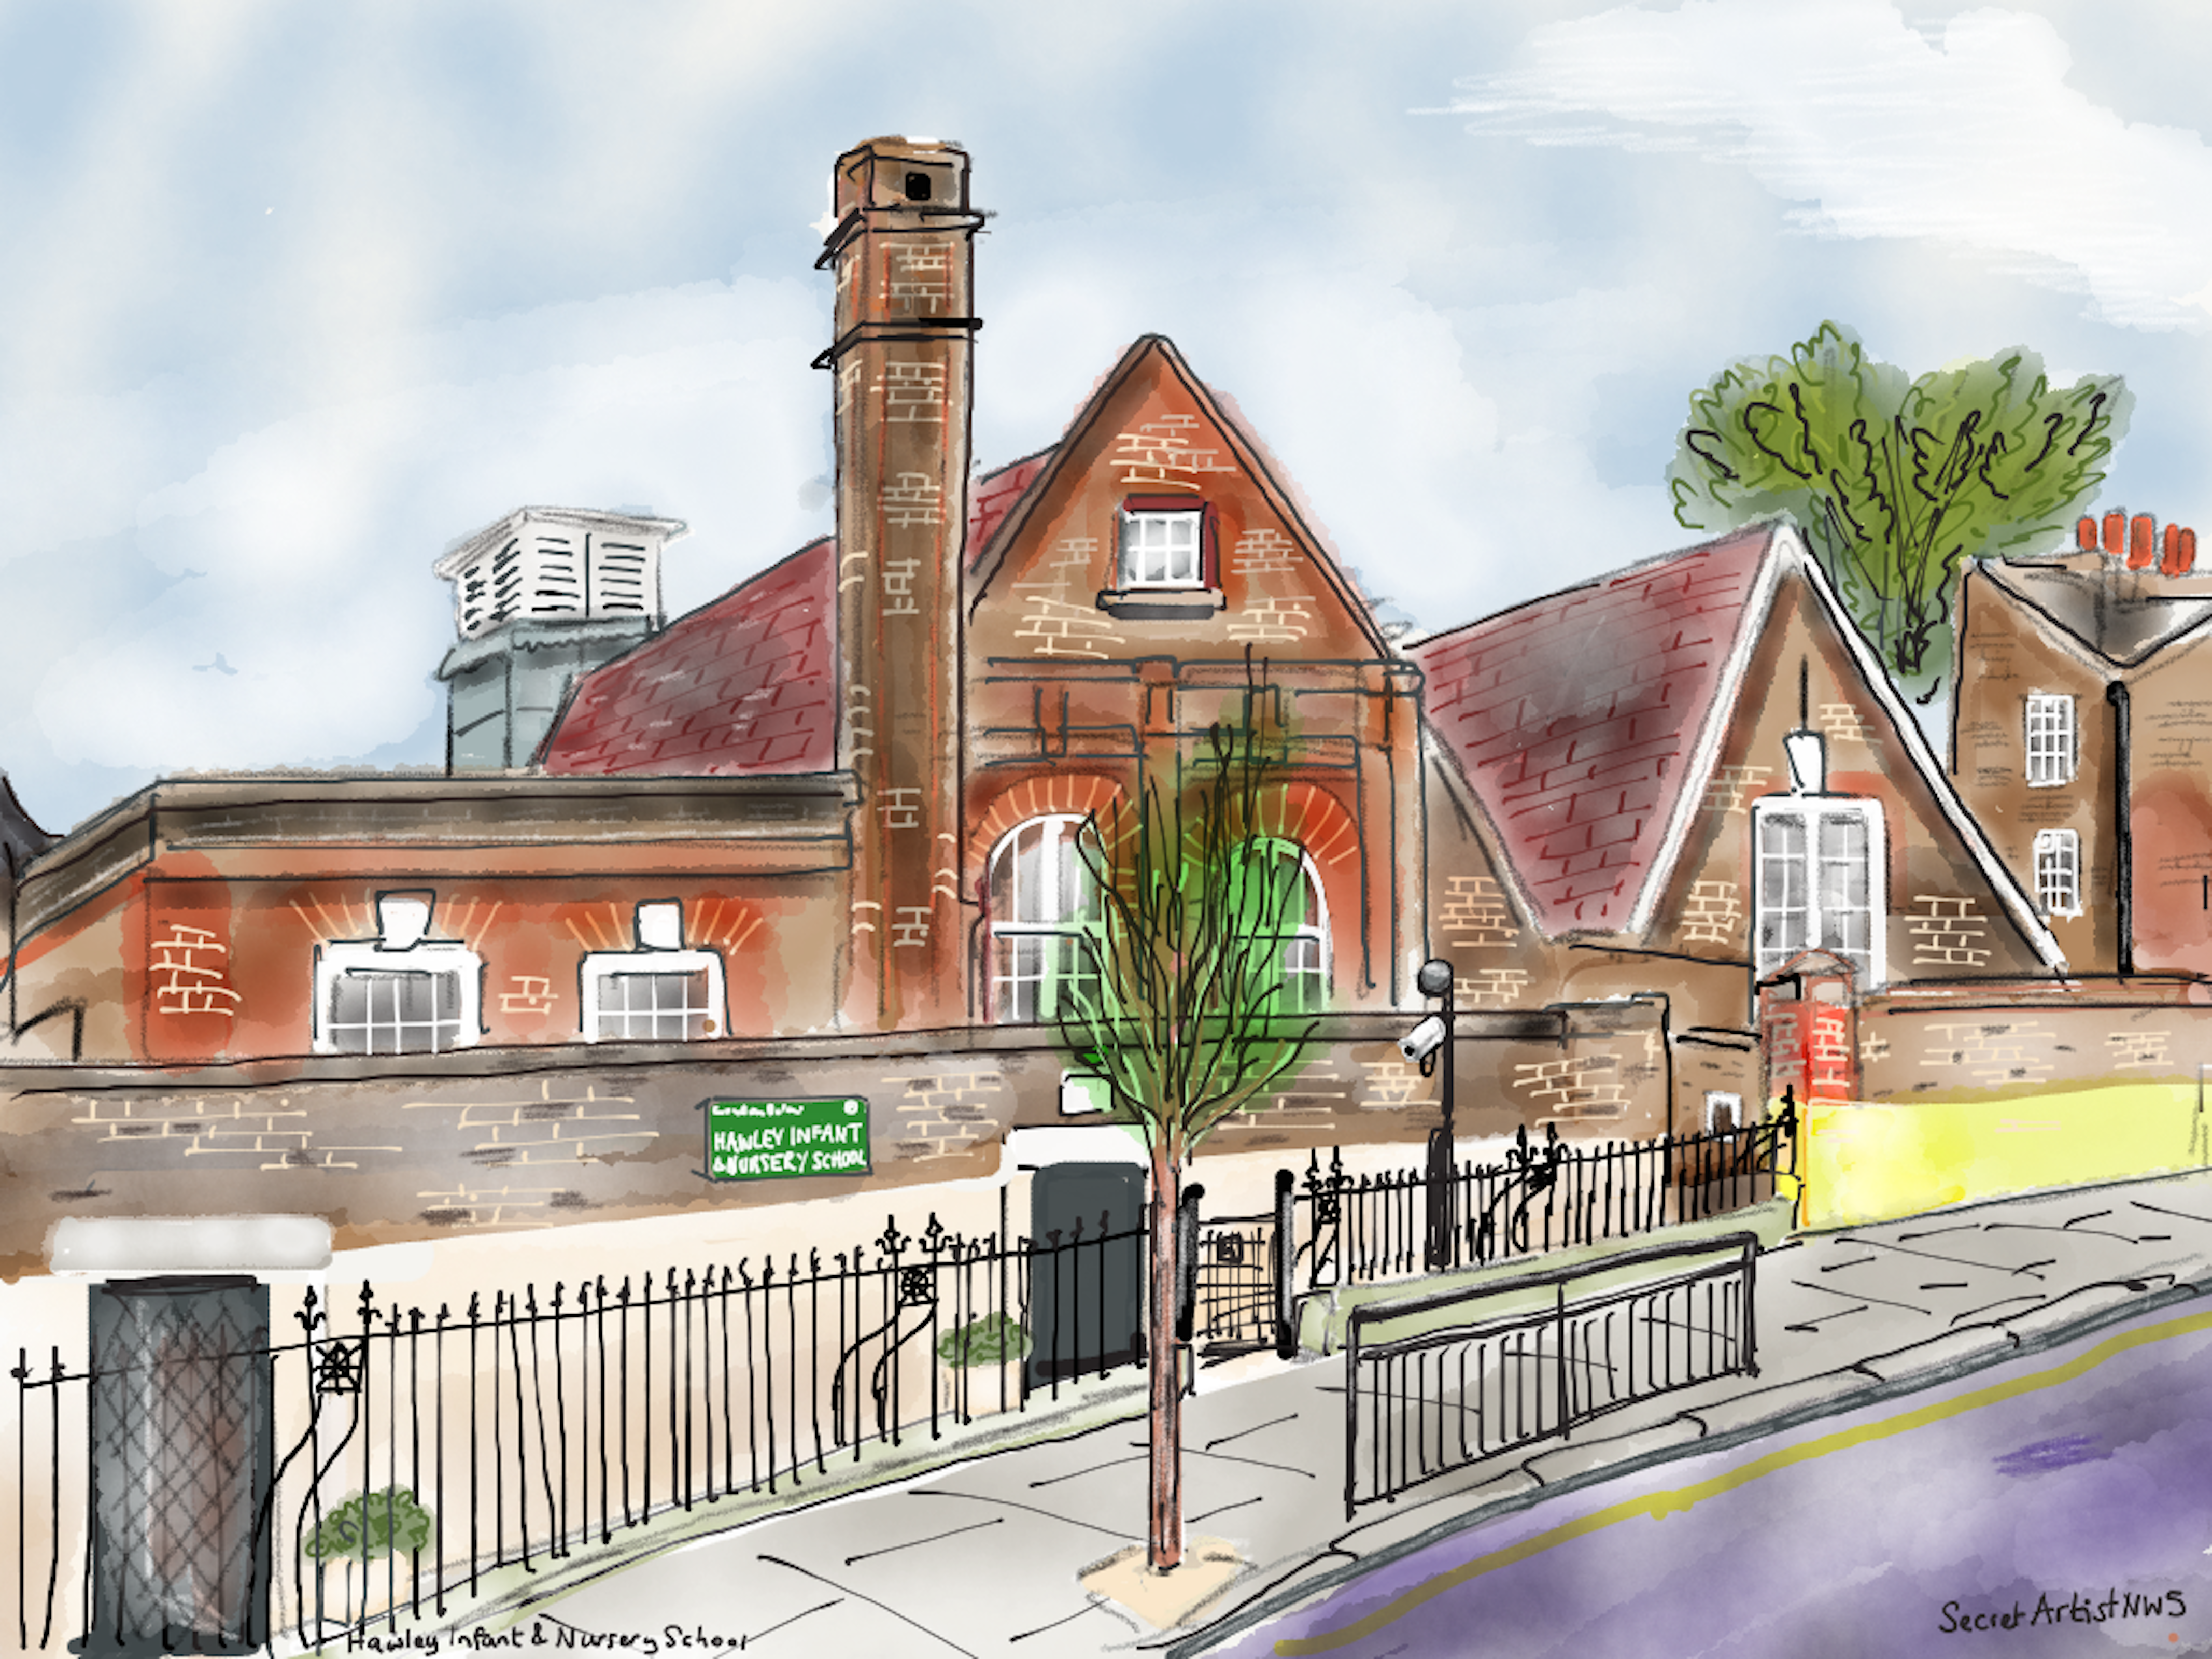 Hawley Infant & Nursery School